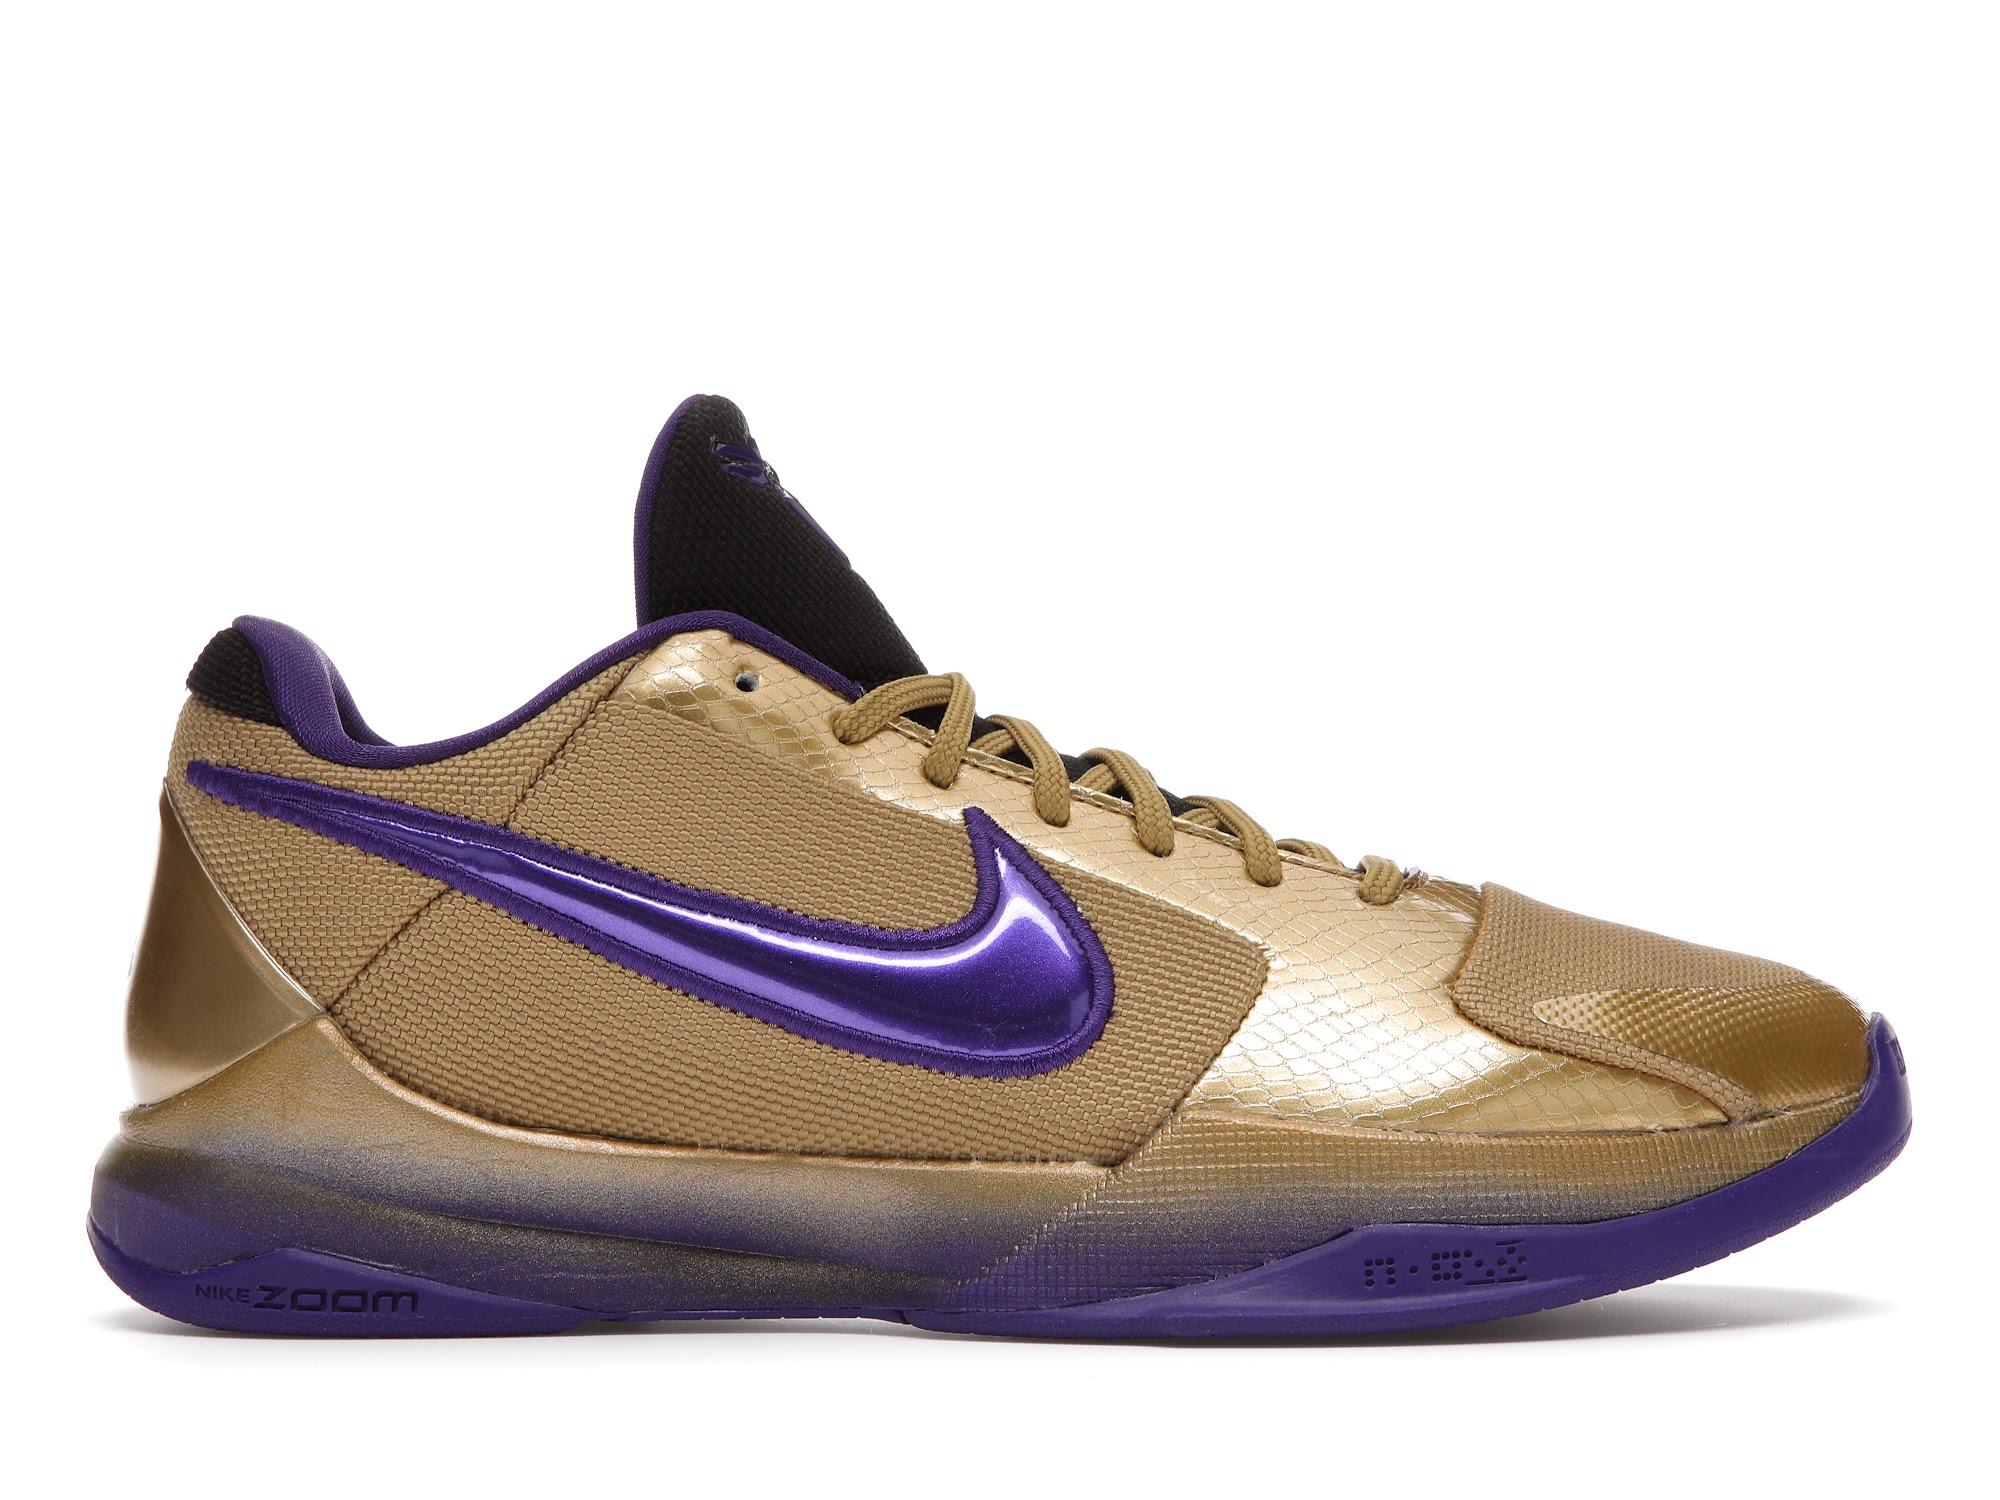 Nike Kobe 5 Protro Undefeated Hall of Fame